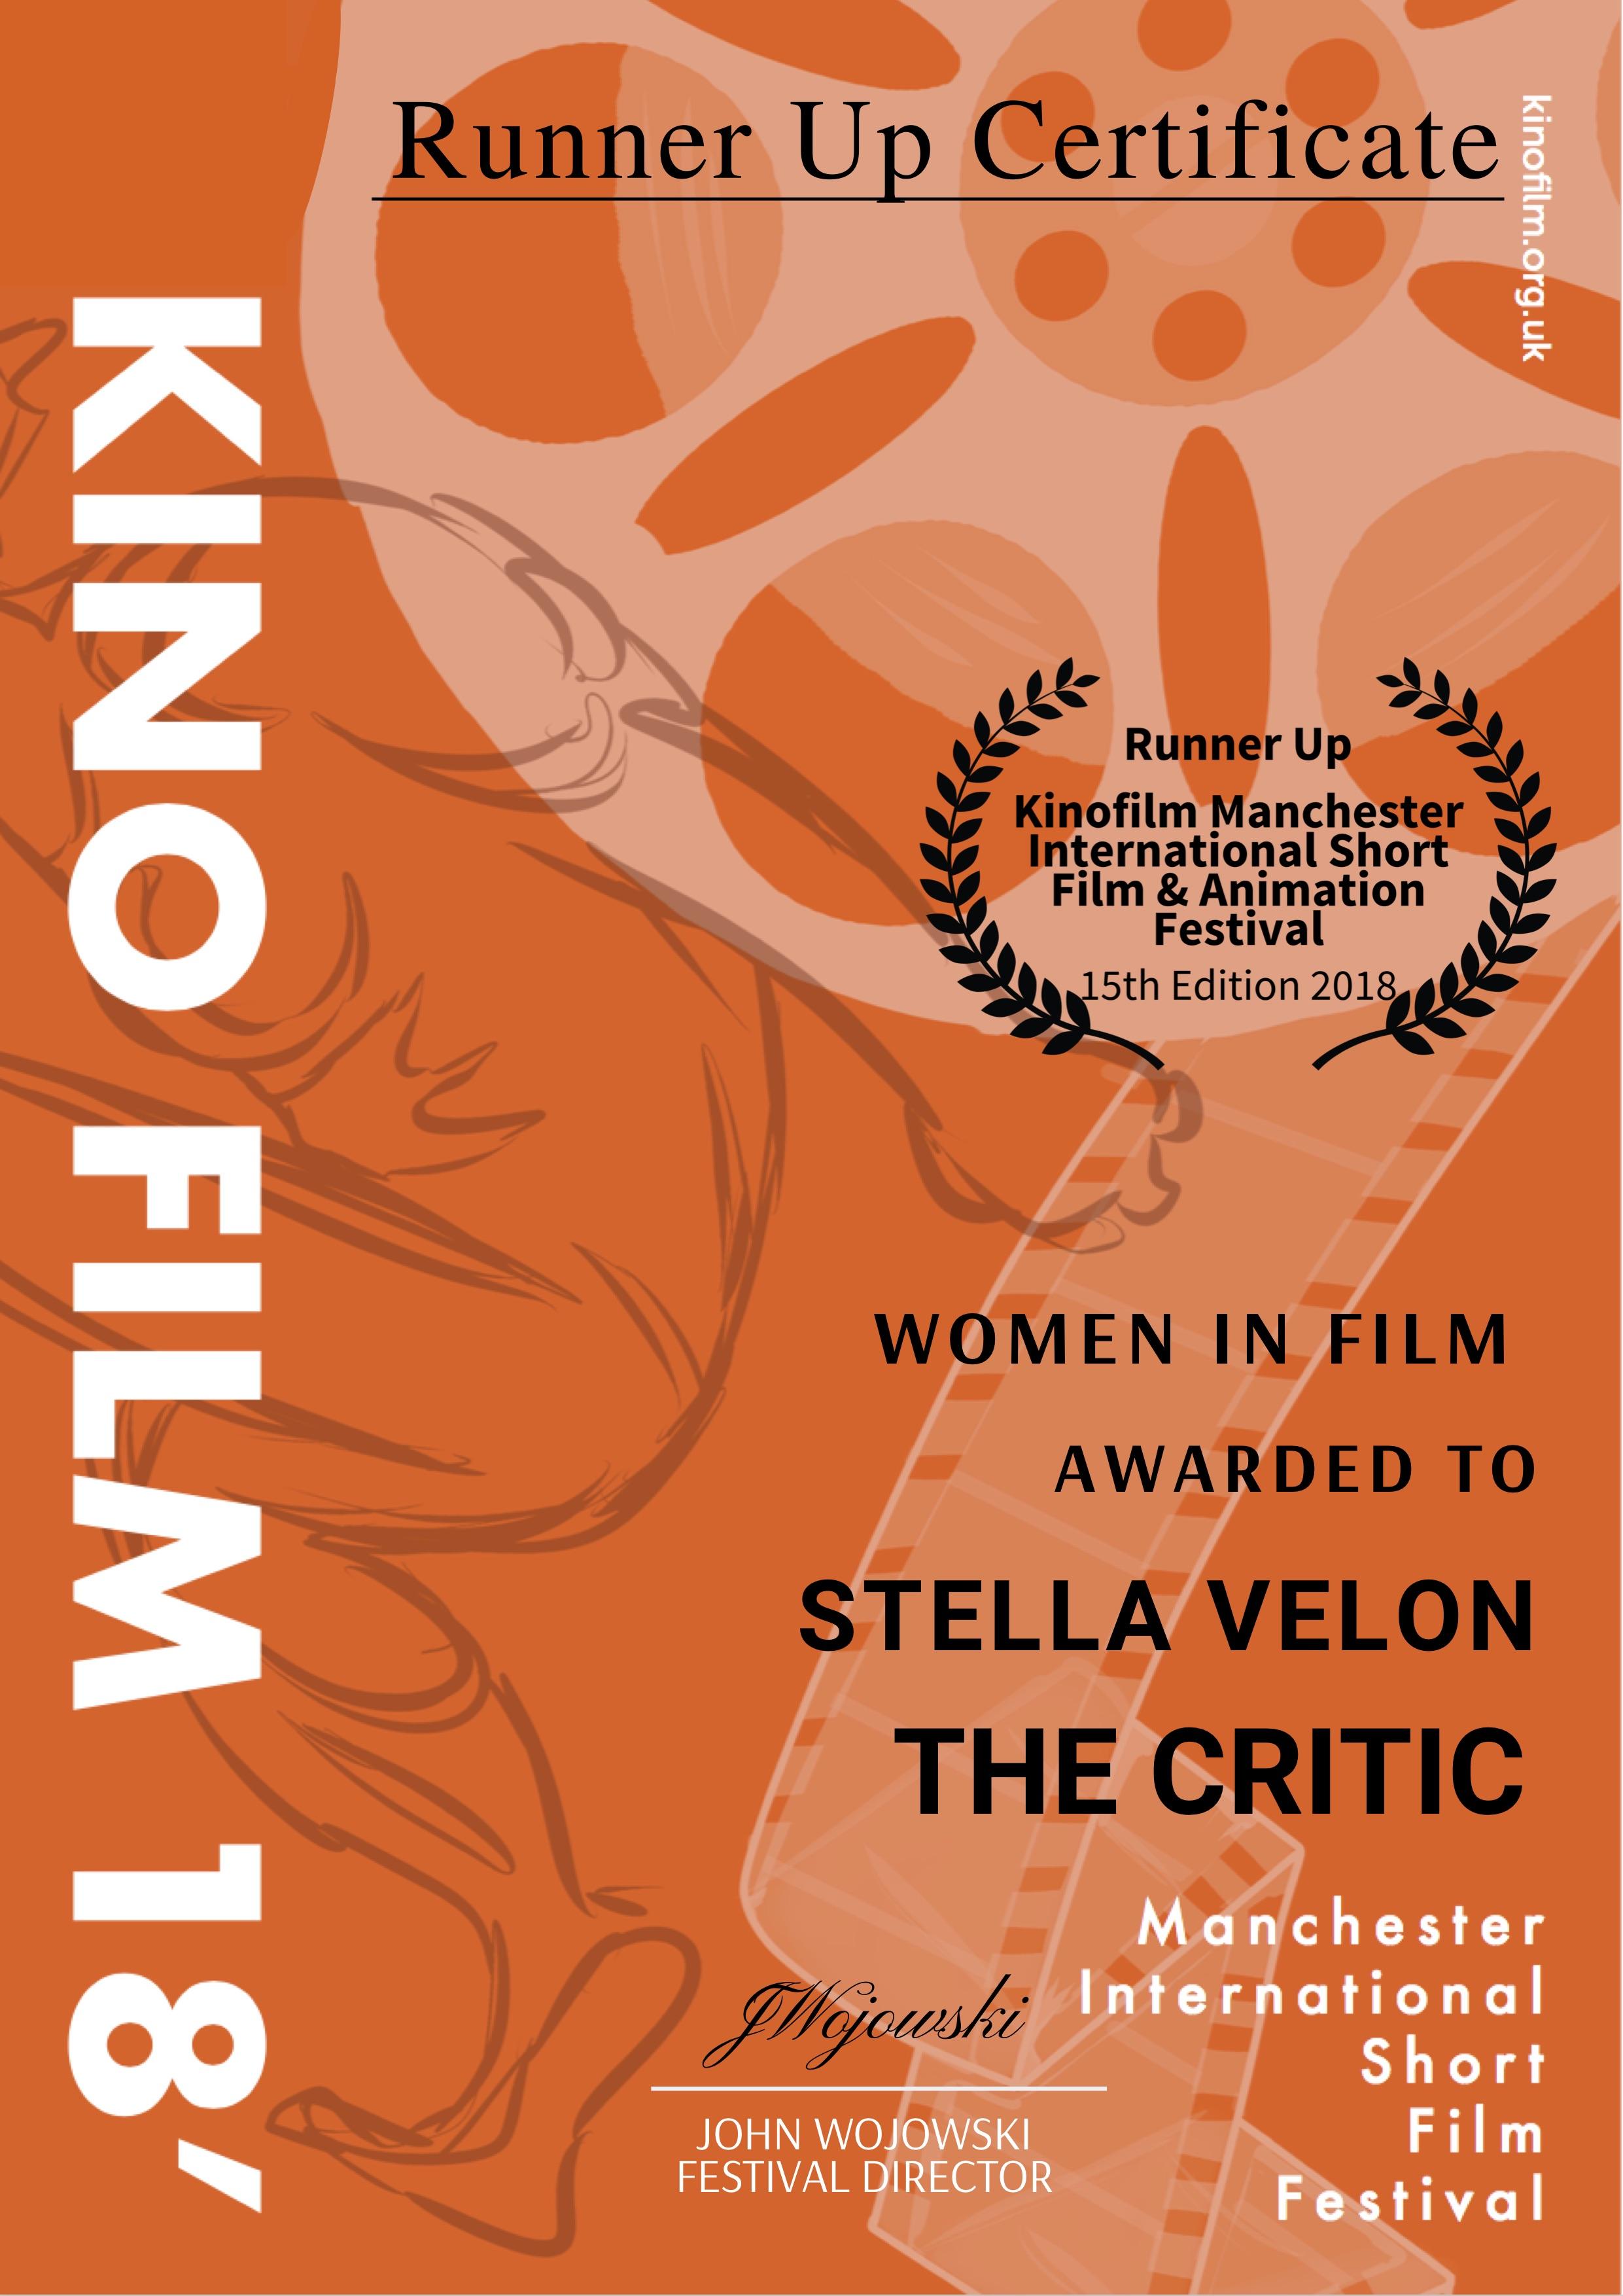 KINO Award Runner Up Certificate - Women in Film.jpg